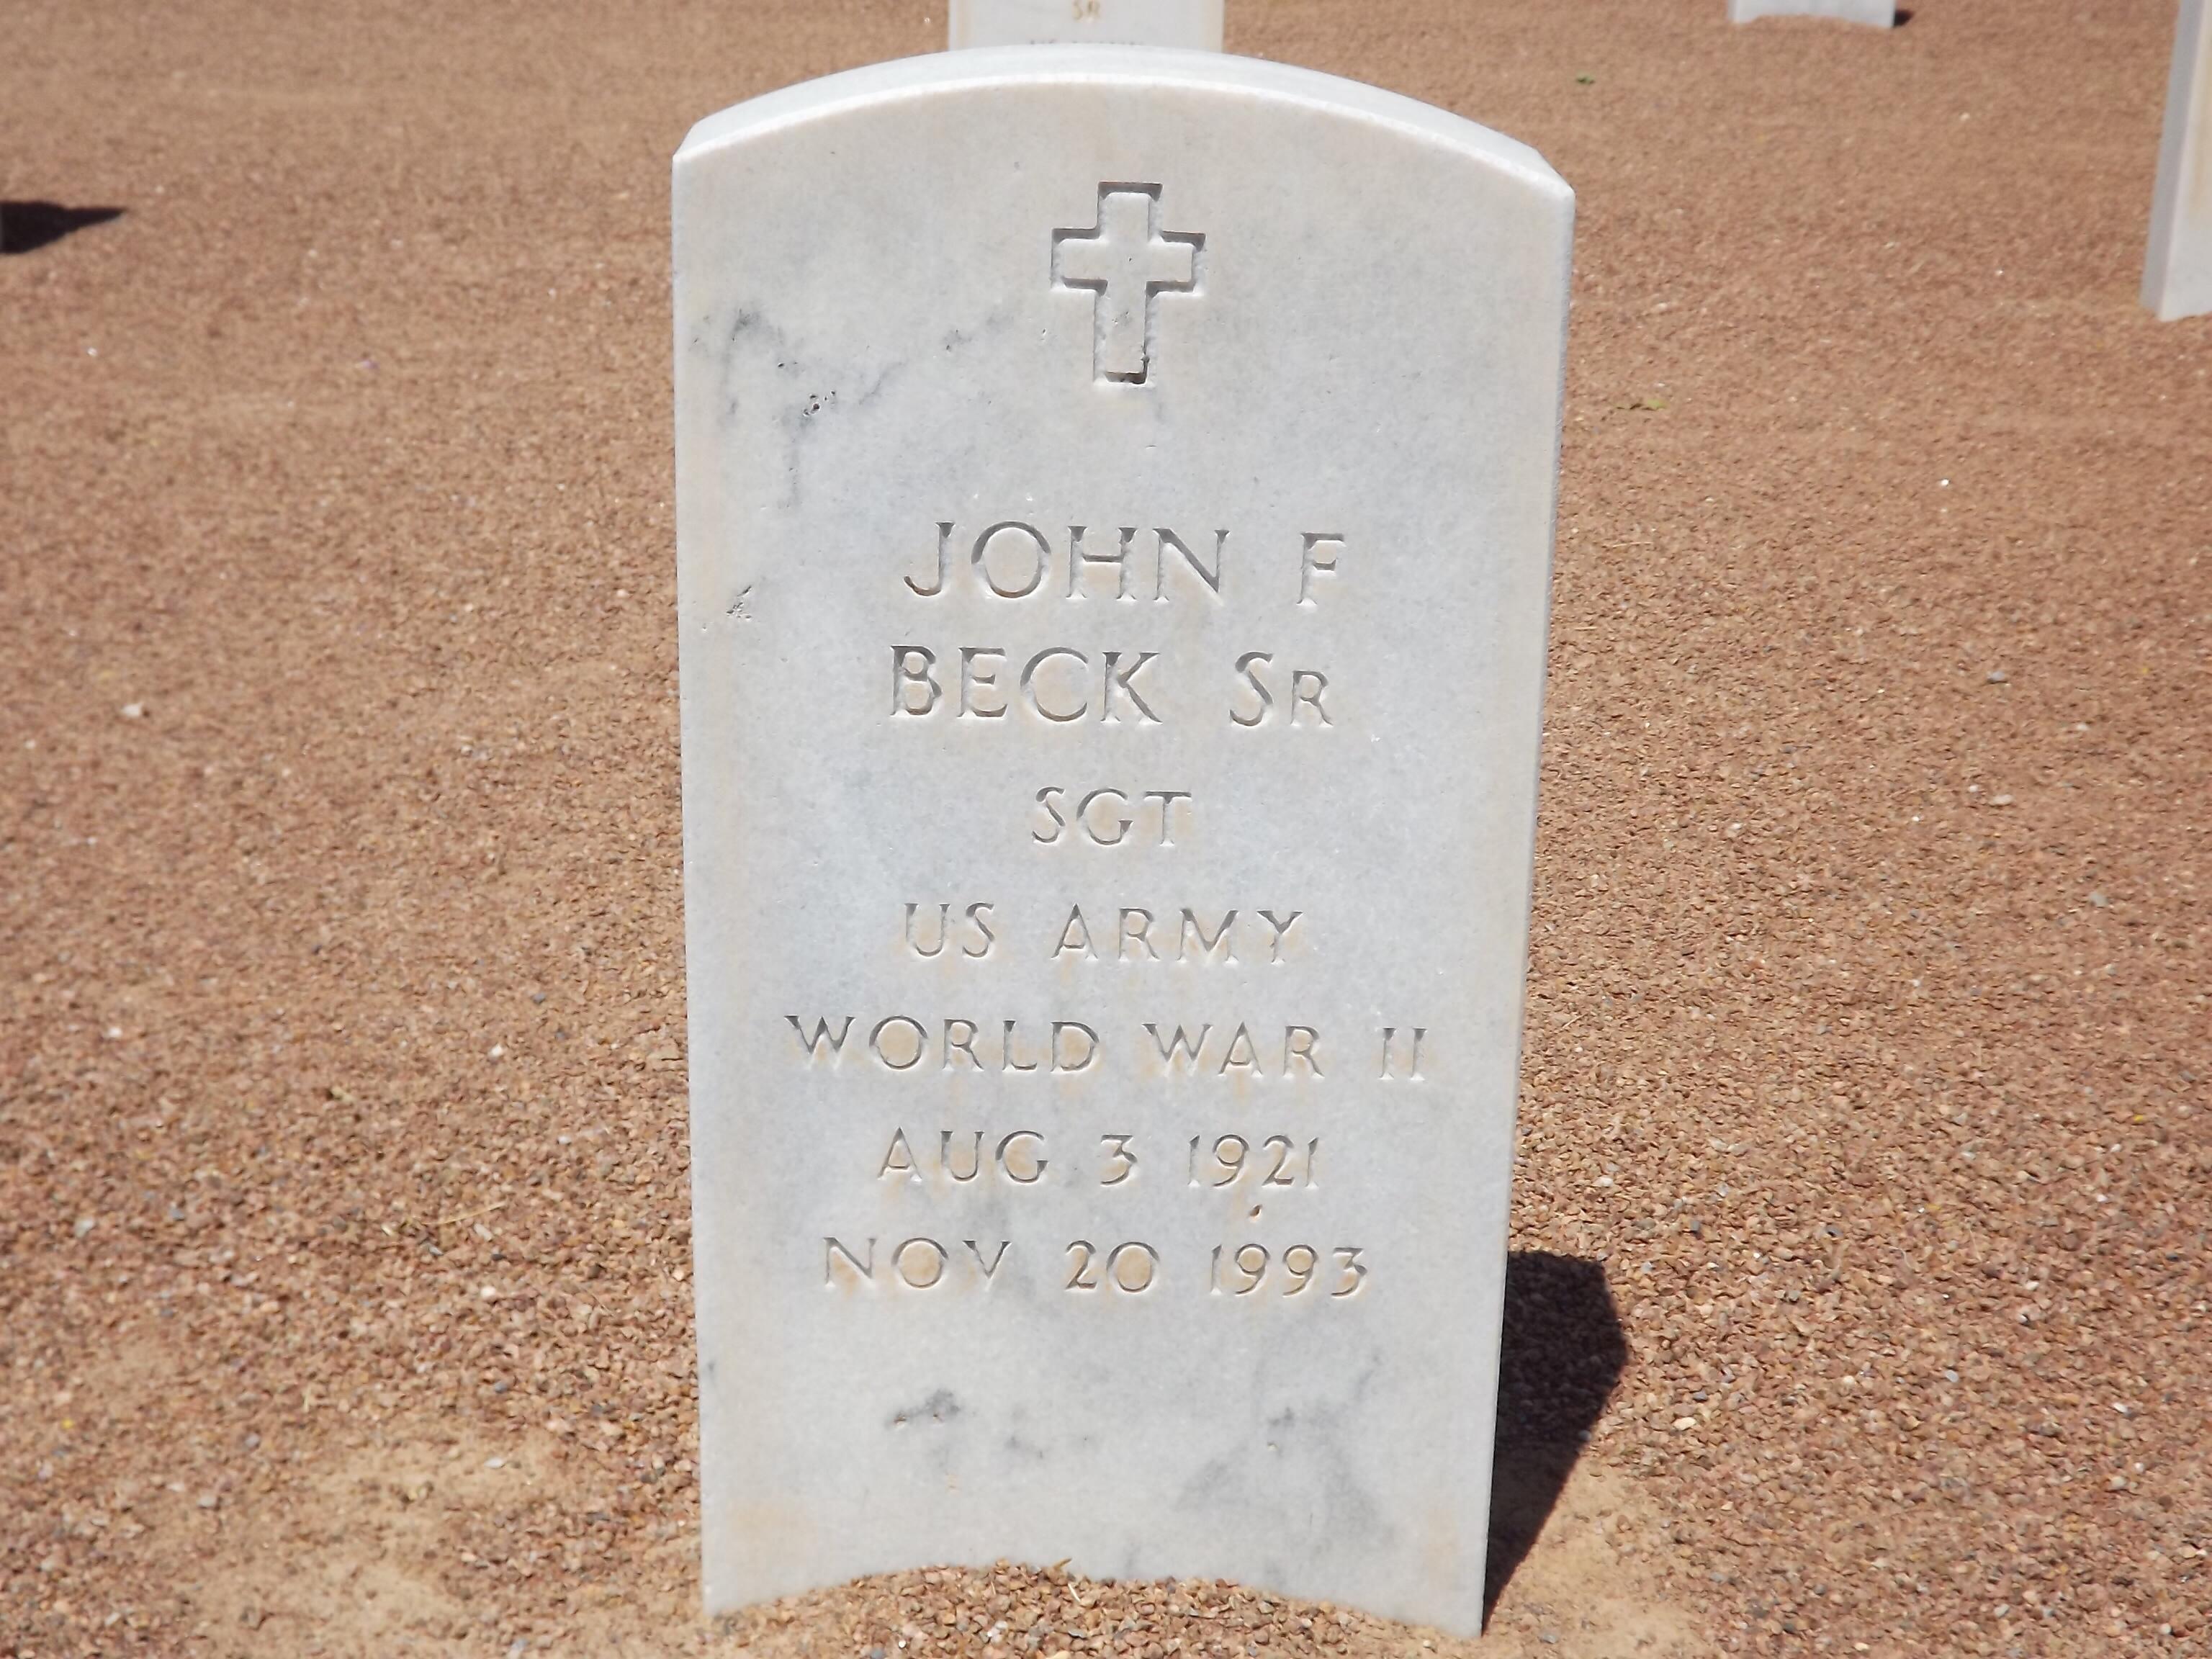 John F Beck